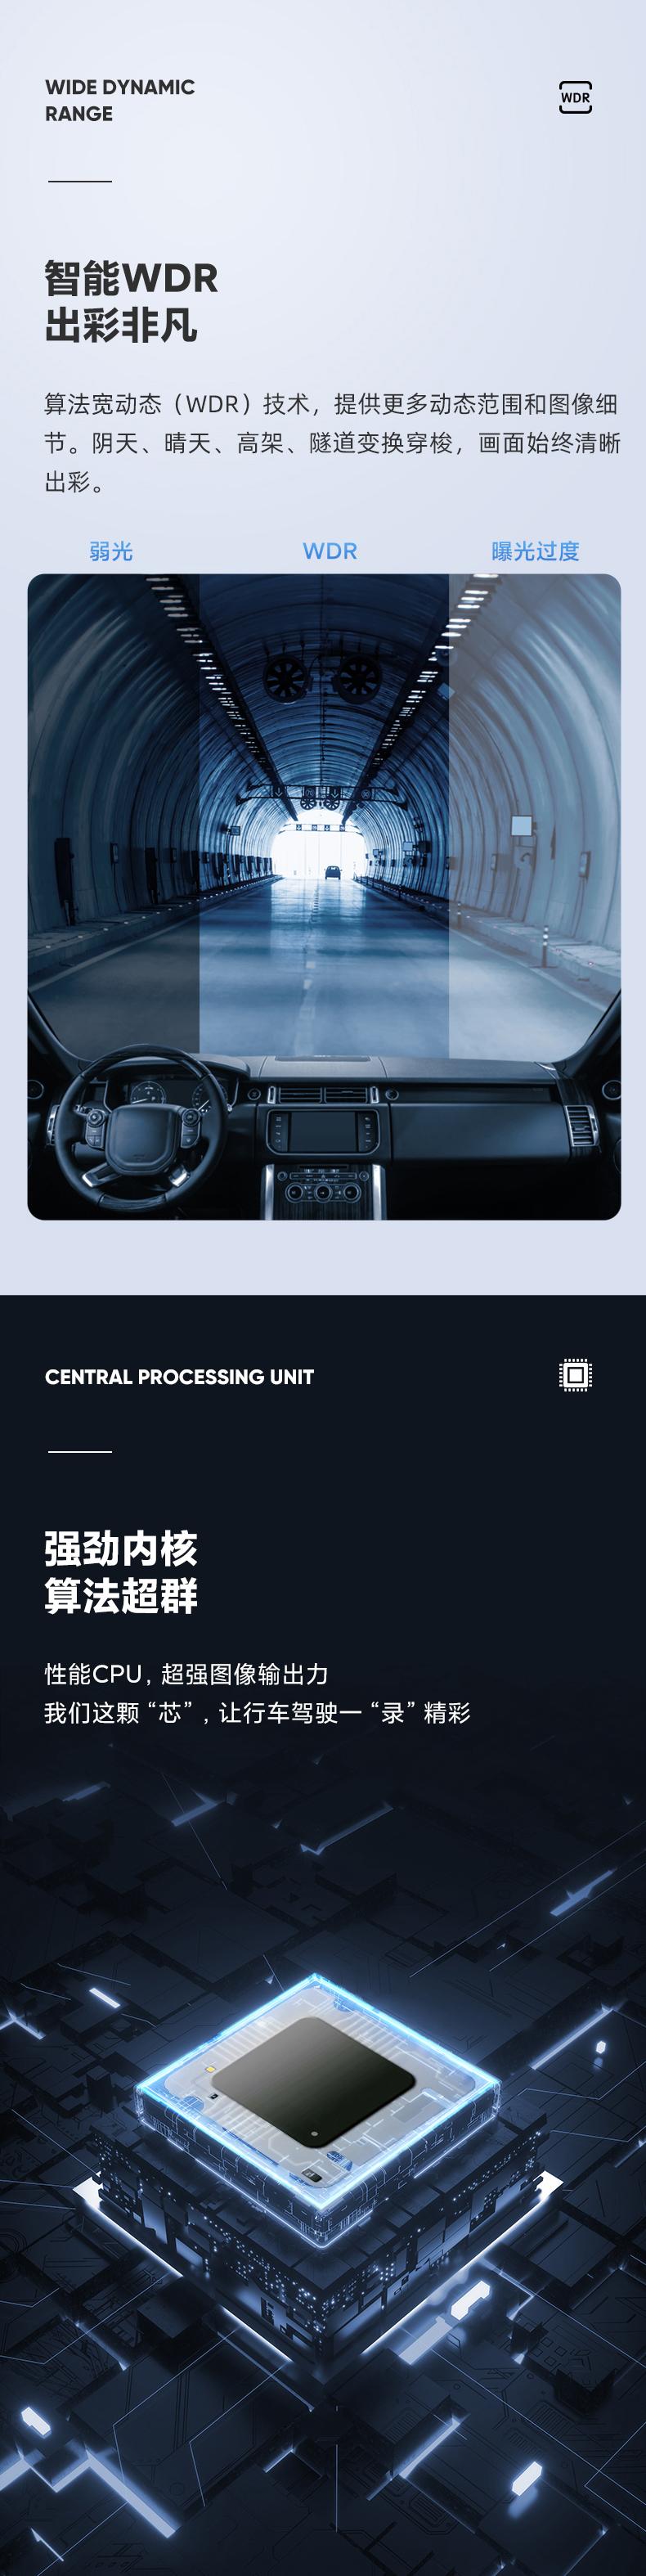 70迈行车记录仪魔方A400免费试用,评测